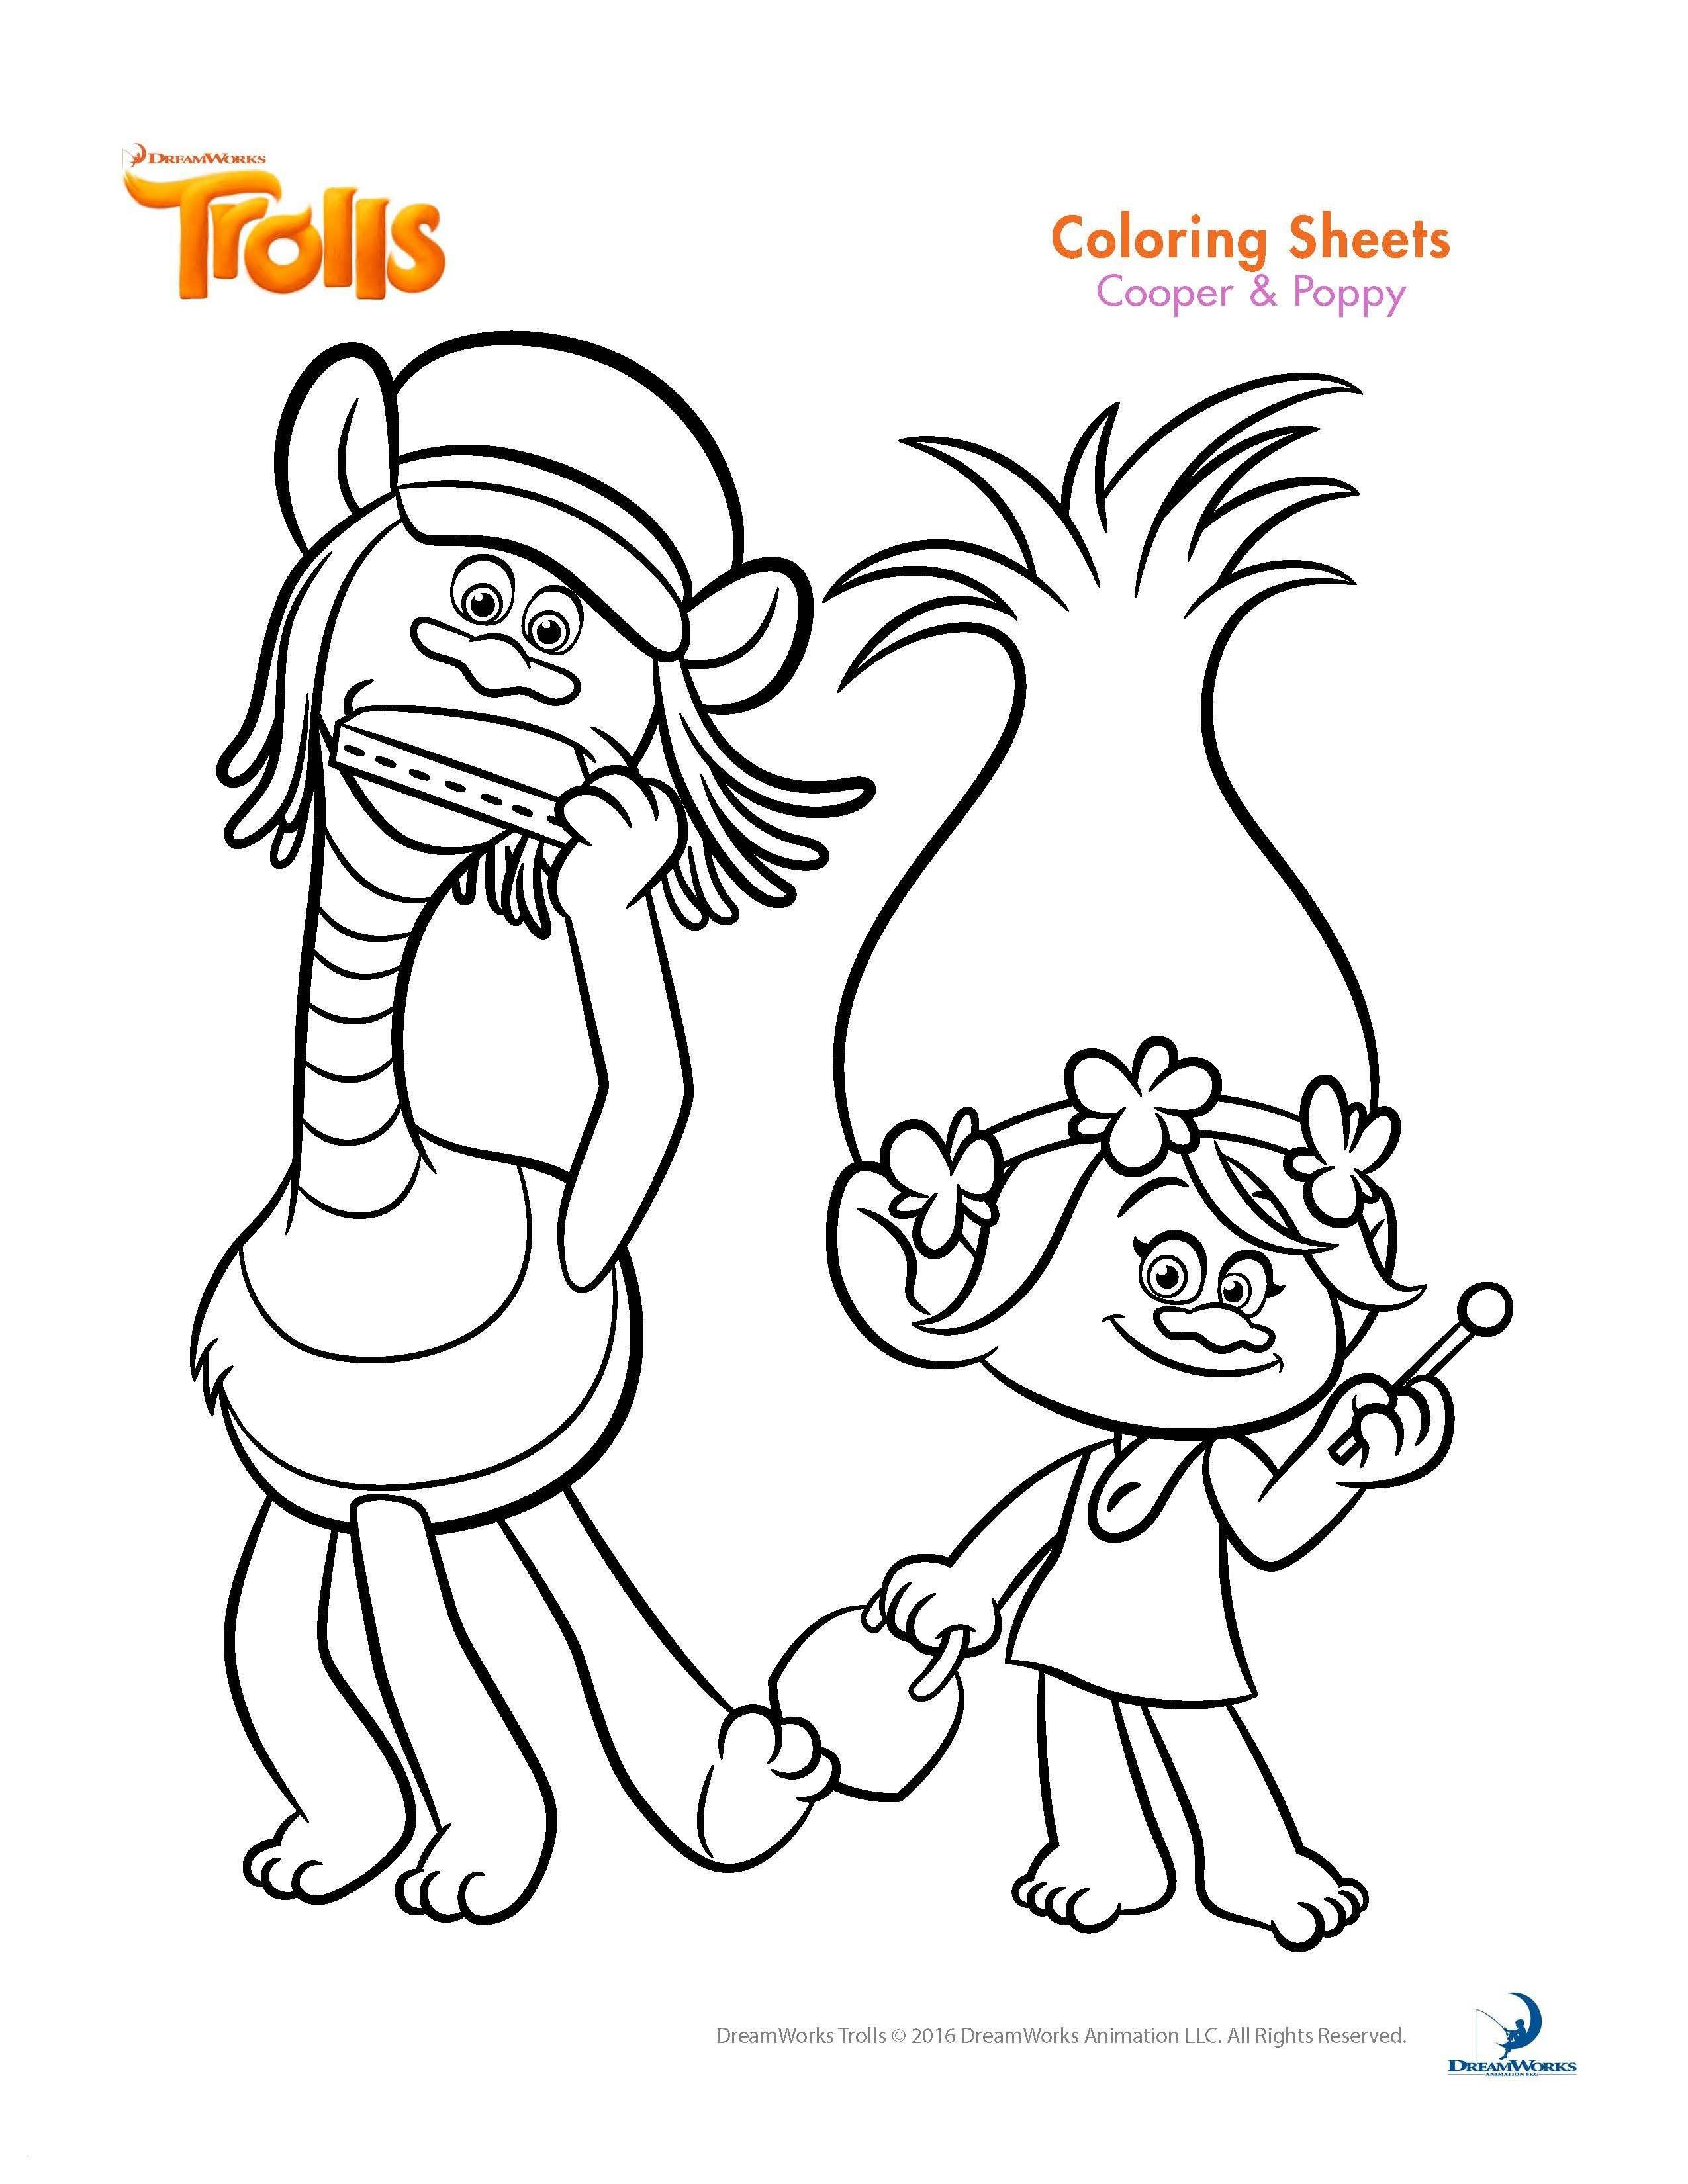 Ausmalbilder Winnie Pooh Und Seine Freunde Malvorlagen Neu Ausmalbilder Winnie Puuh Inspirierend 40 Winnie Pooh Und Seine Fotos